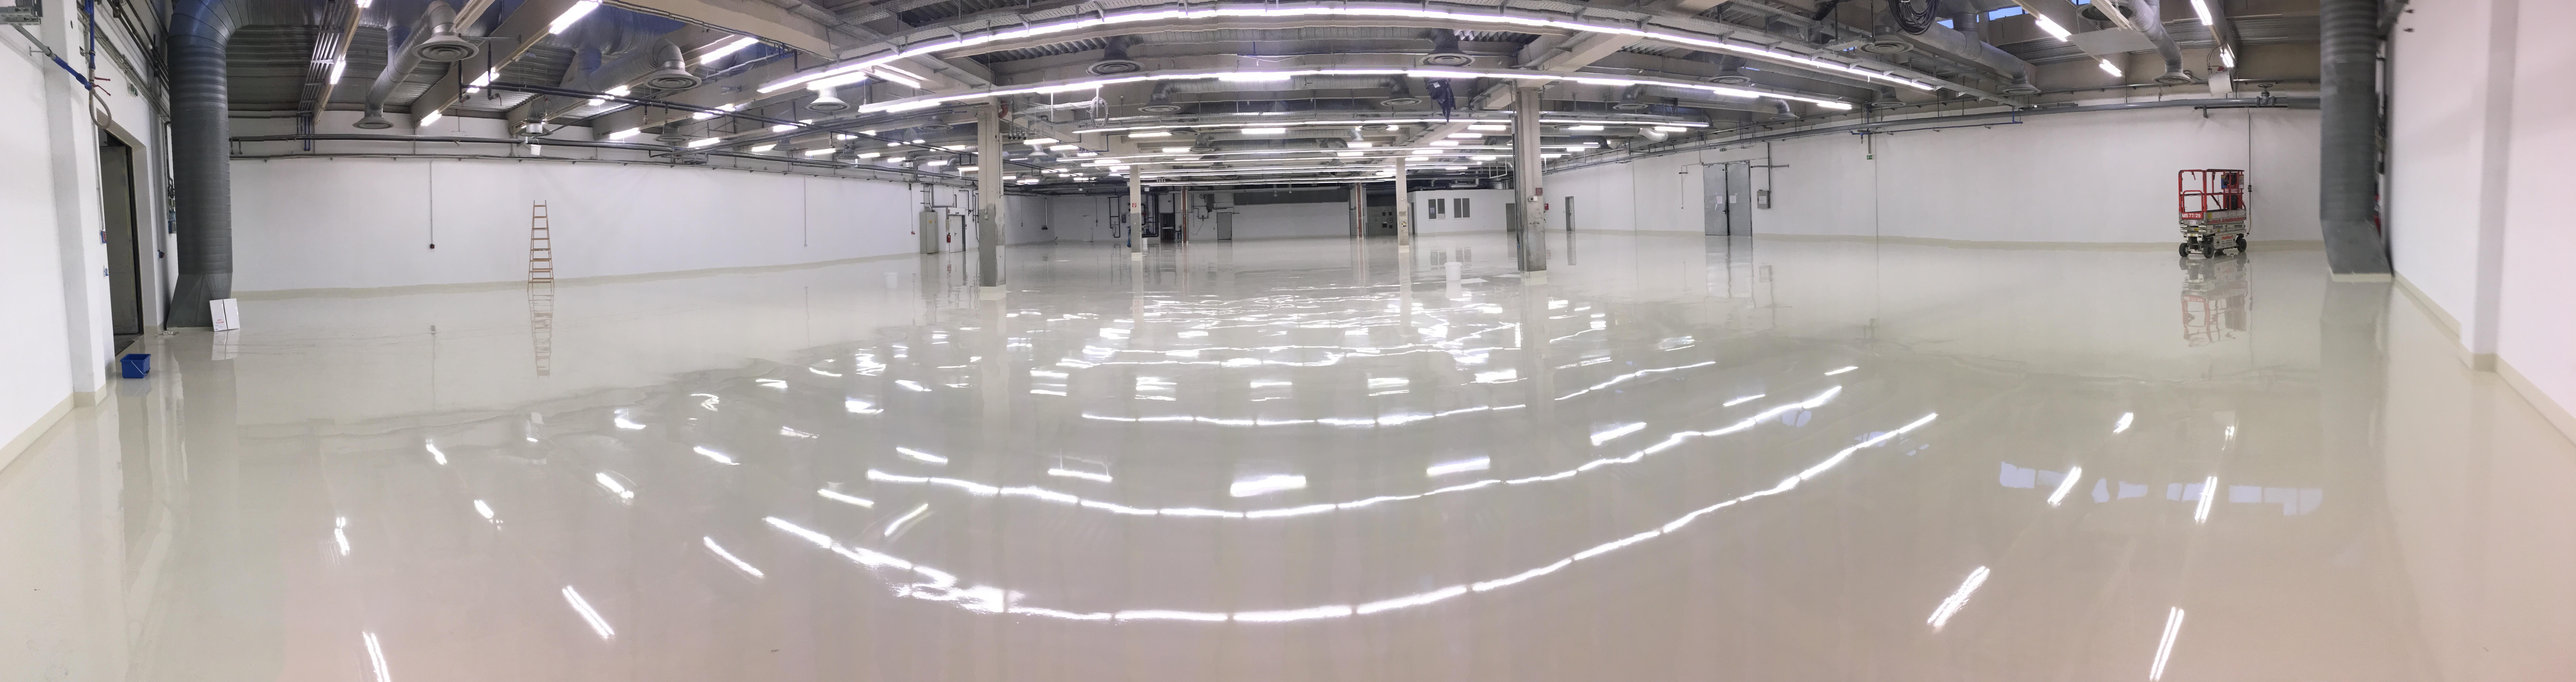 Eine 2000 m² große Industriehalle mit einer glatten Bodenbeschichtung in perlweißer Farbe